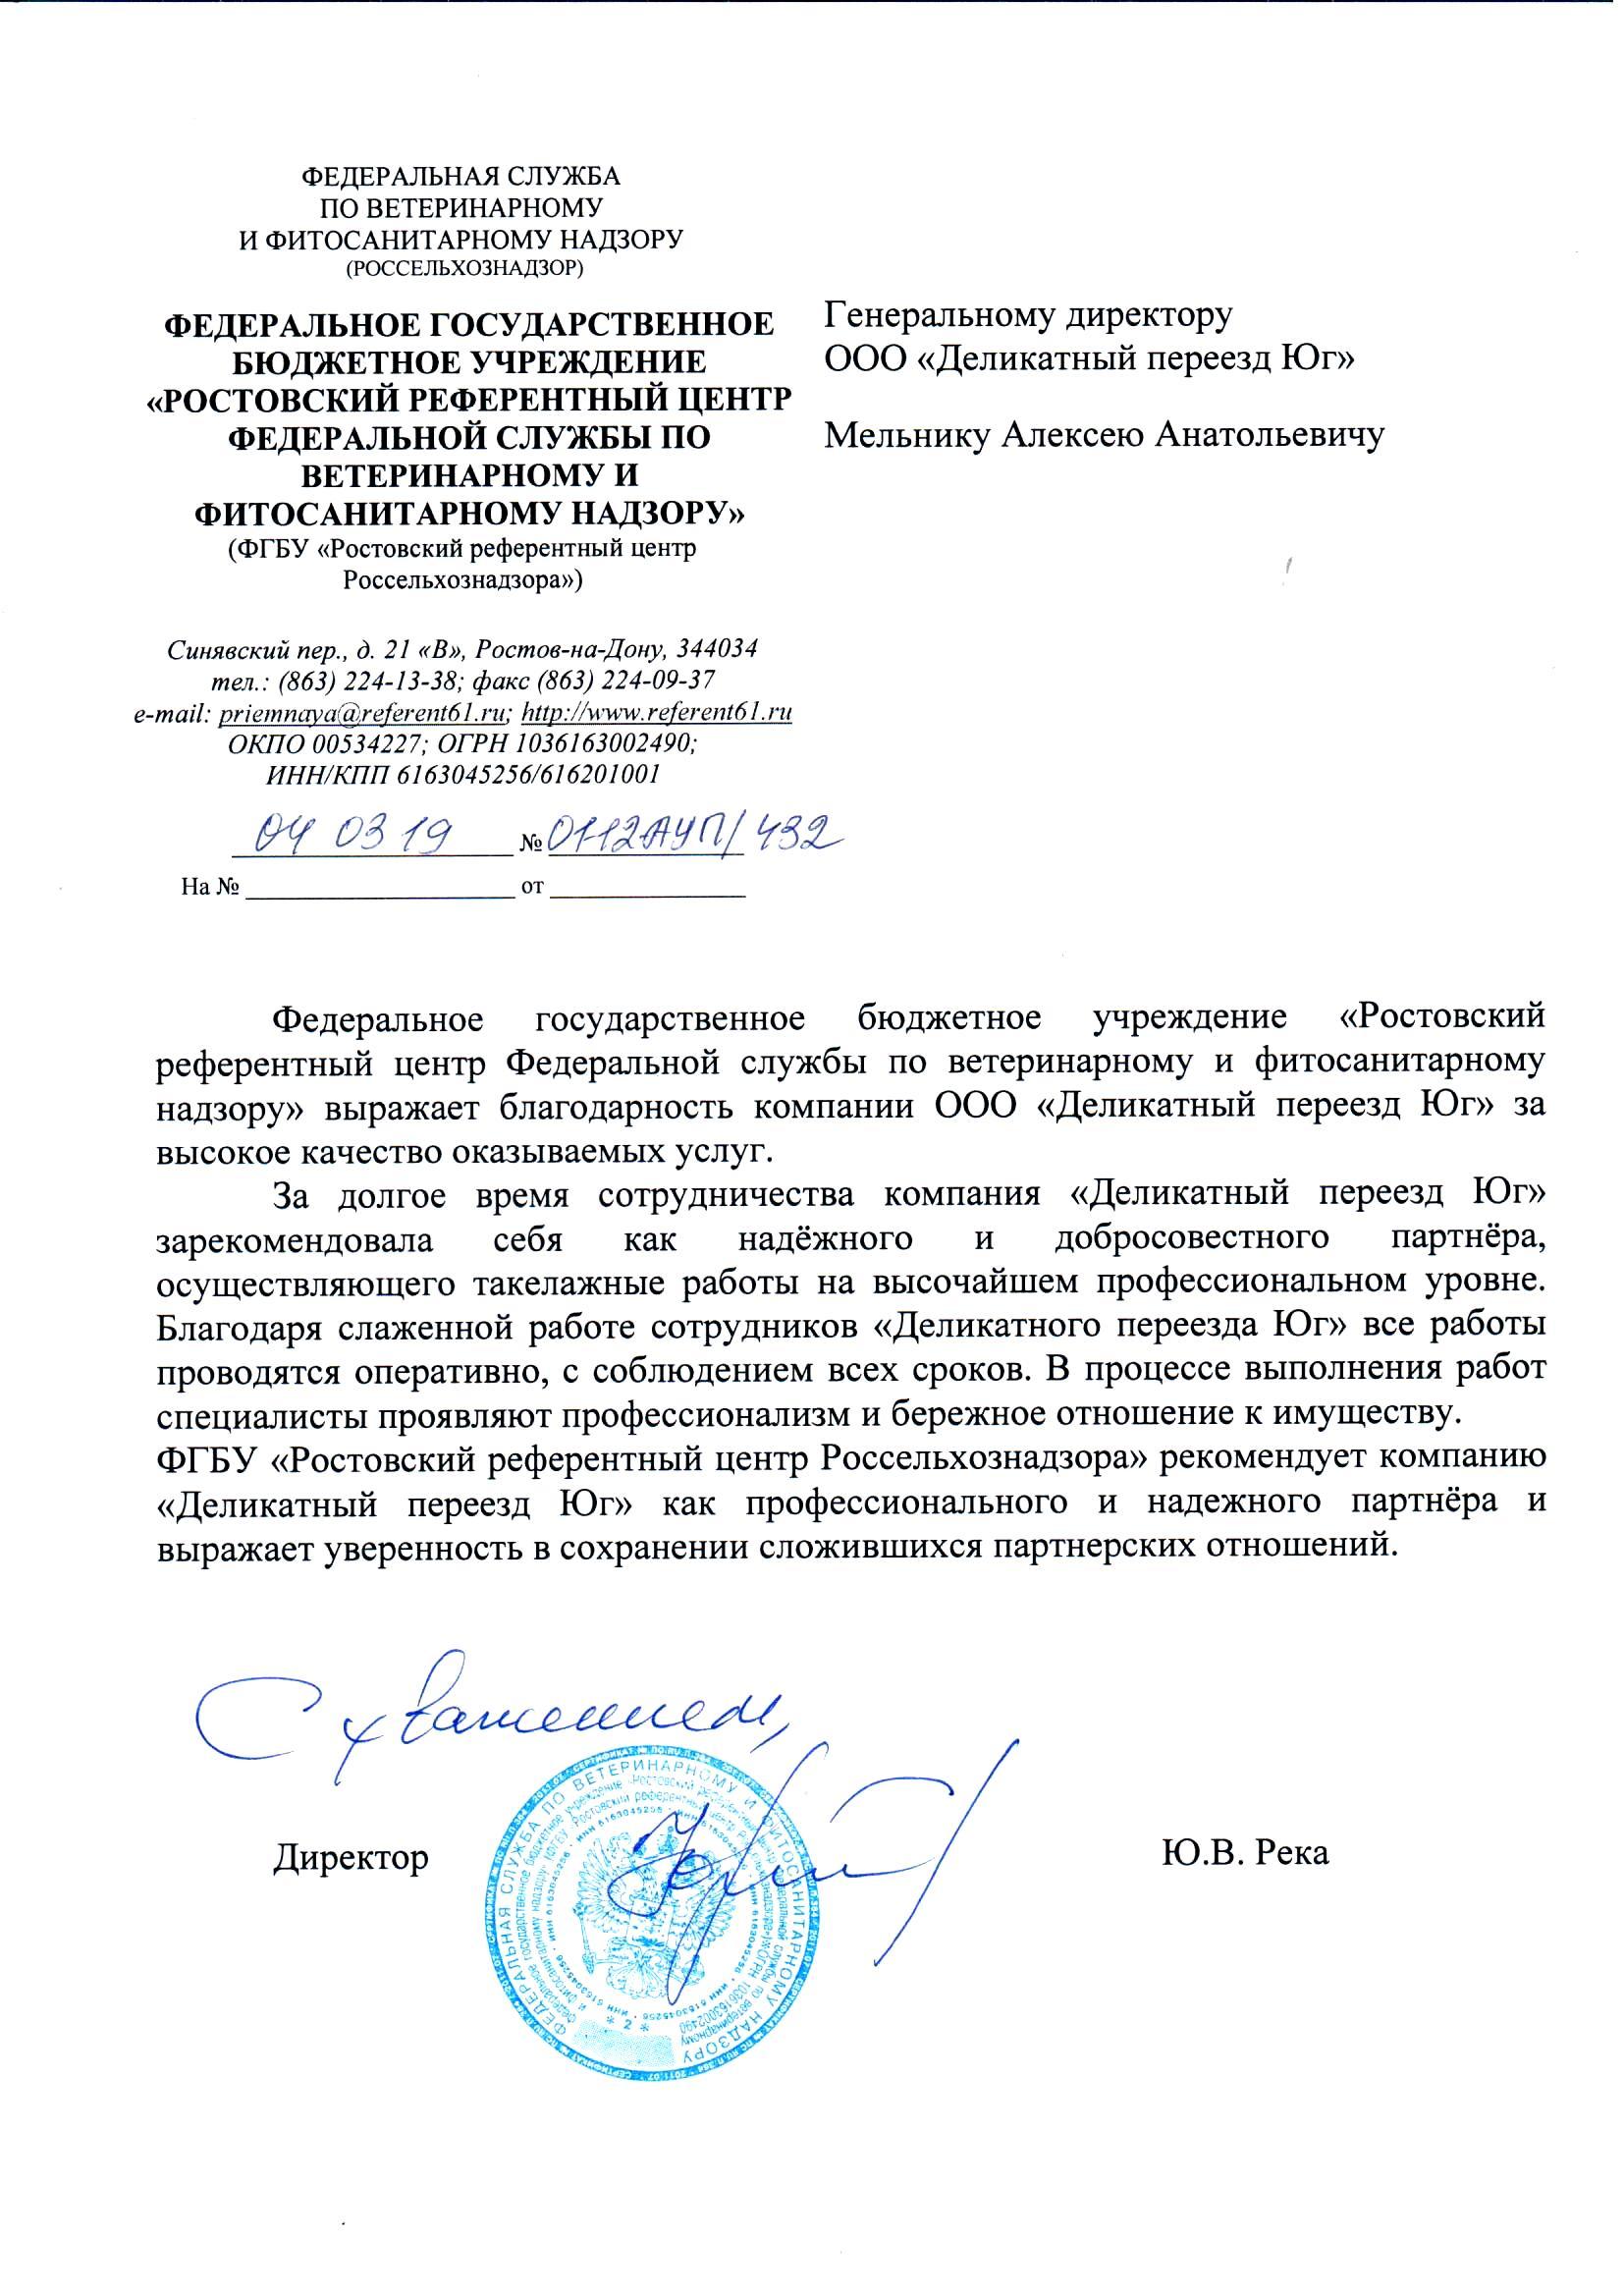 Благодарственное письмо от «Ростовский референтный центр Федеральной службы по ветеринарному и фитосанитарному надзору»